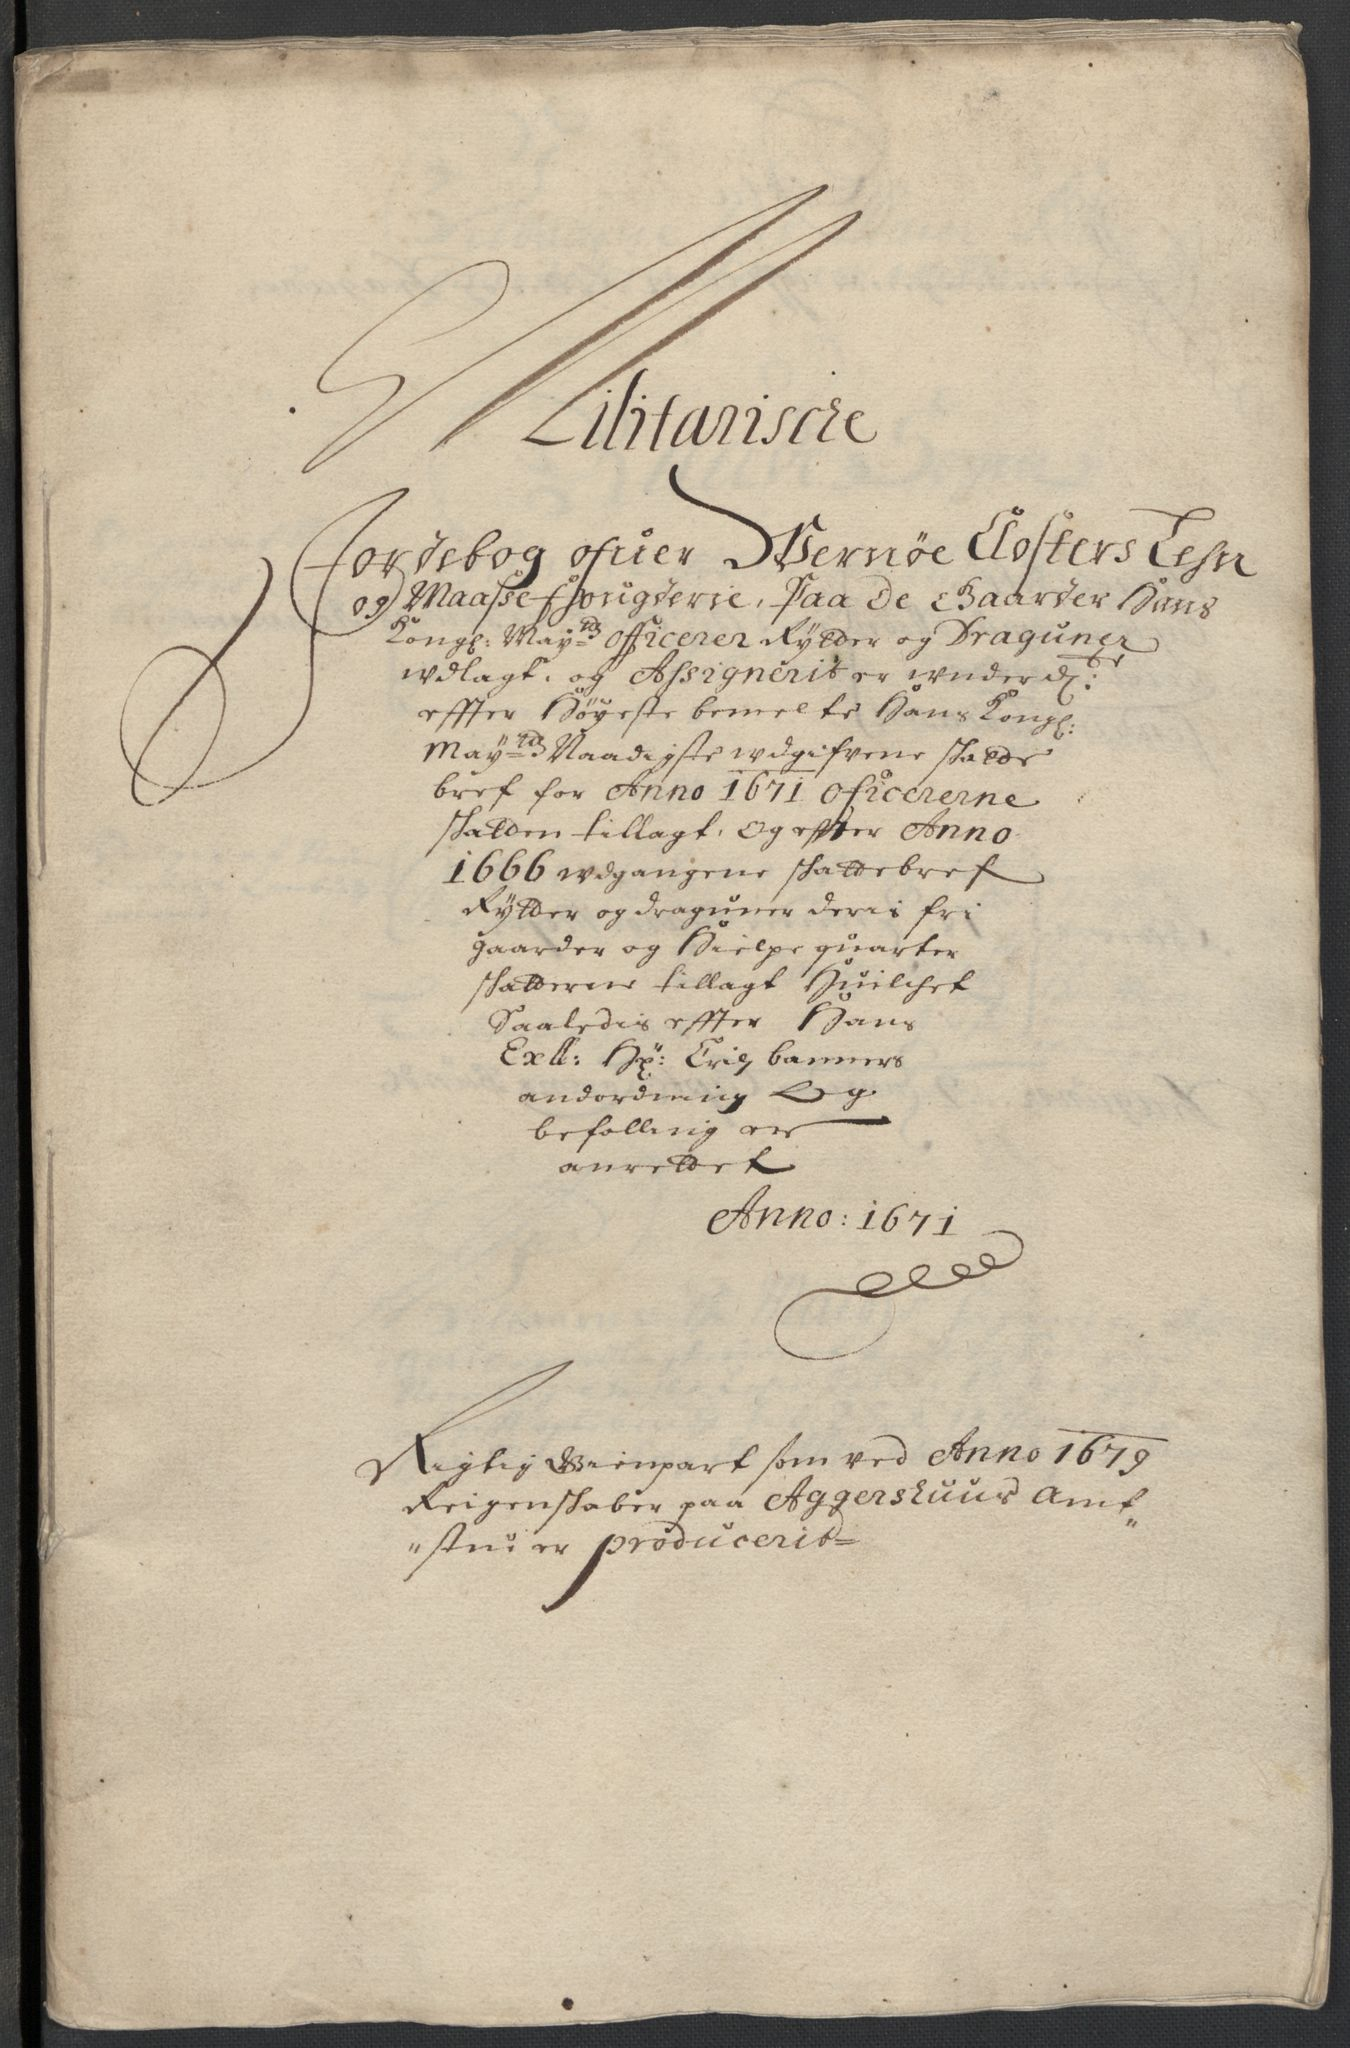 RA, Rentekammeret inntil 1814, Reviderte regnskaper, Fogderegnskap, R02/L0100: Fogderegnskap Moss og Verne kloster, 1679, s. 326